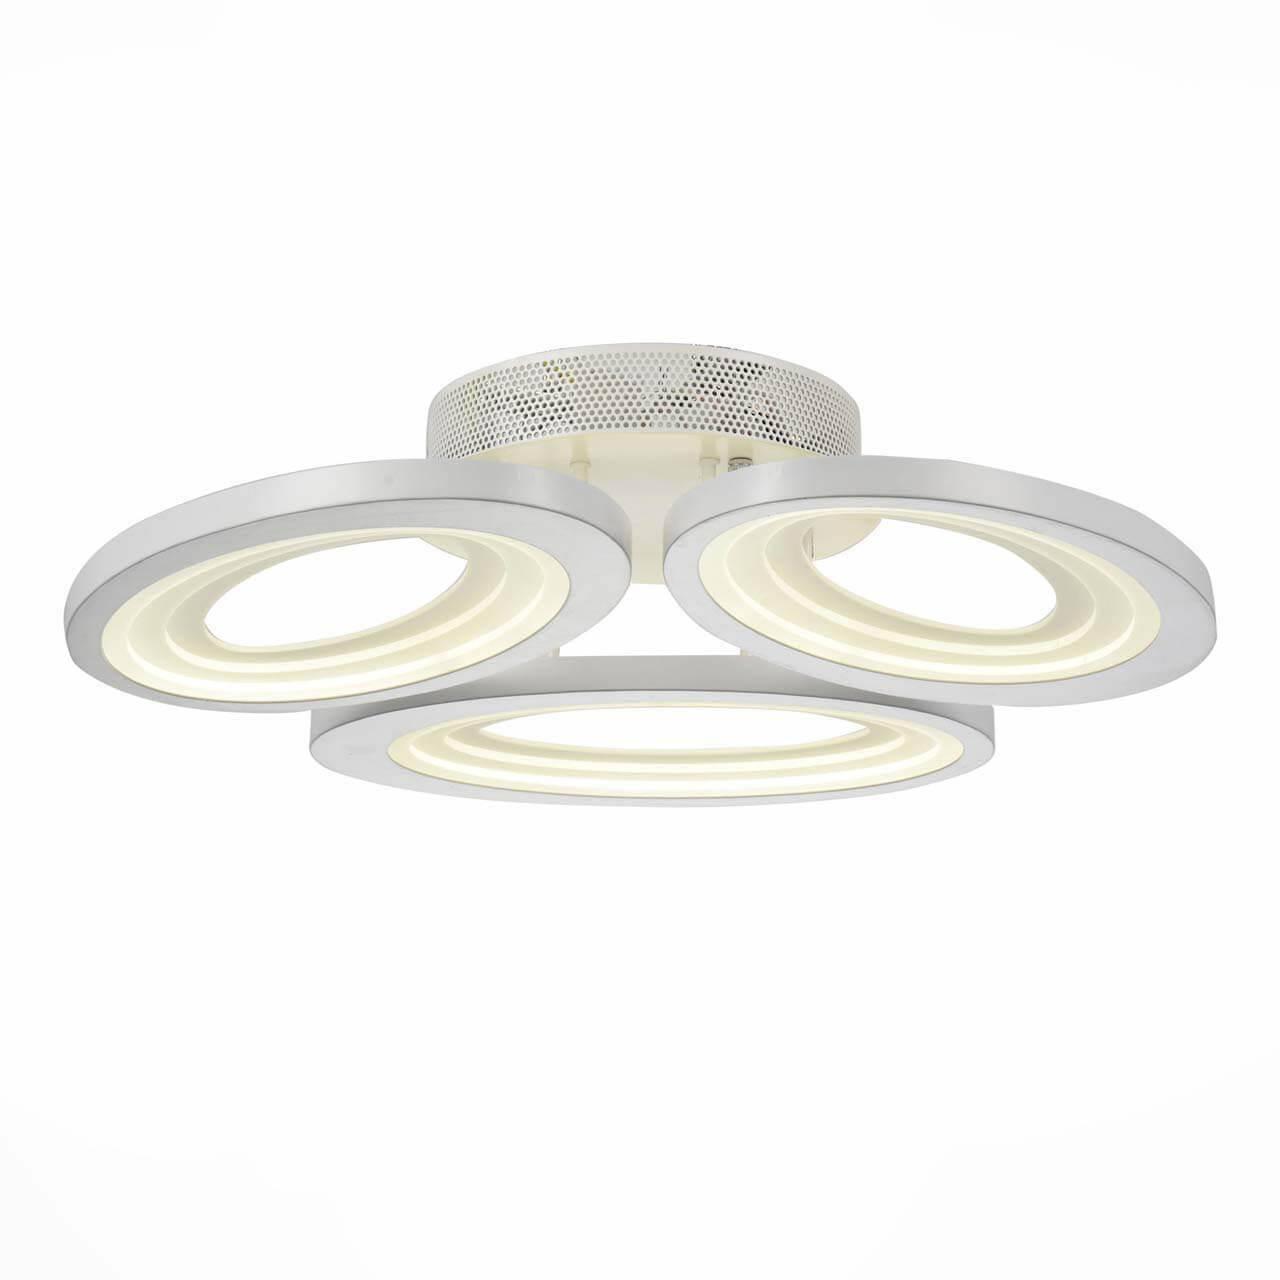 Виды светодиодных ламп для дома и их различие по светодиодам, цветовой температуре, цоколю и форме колбы